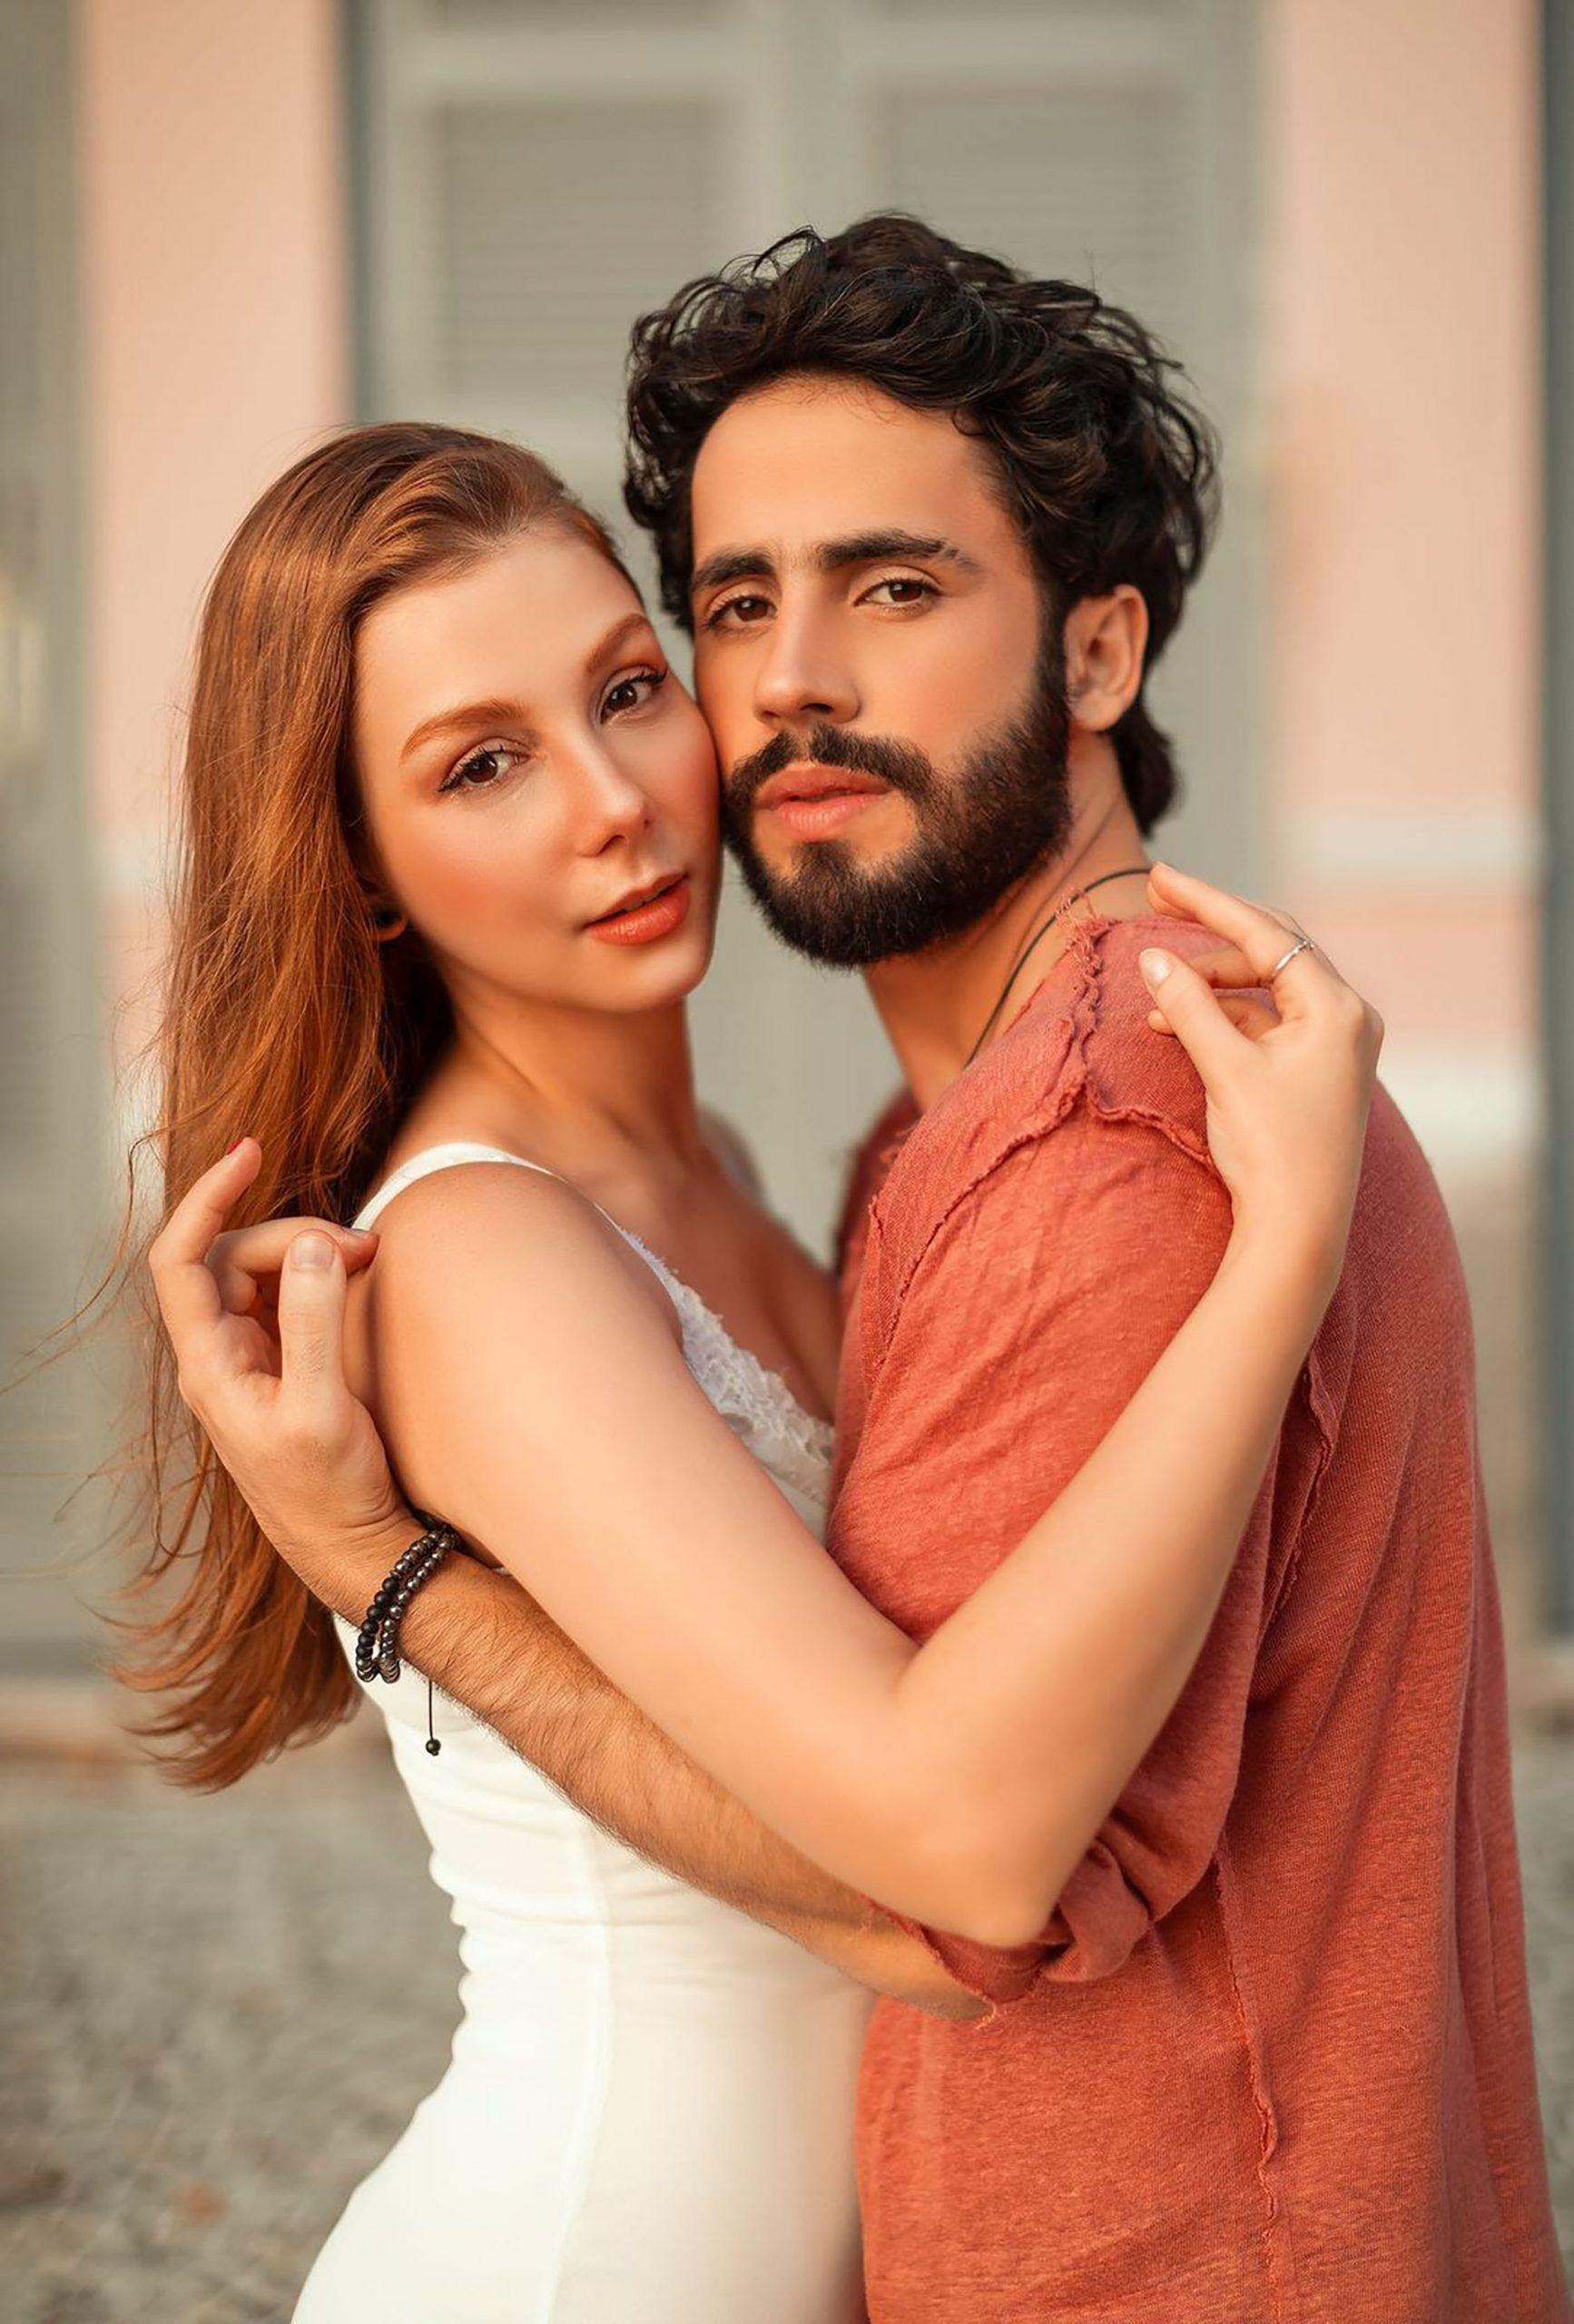 """Bella Schneider e Romero Ferro dão vida a casal apaixonado na música """"Take Me"""". Foto: Vernen Brenan"""